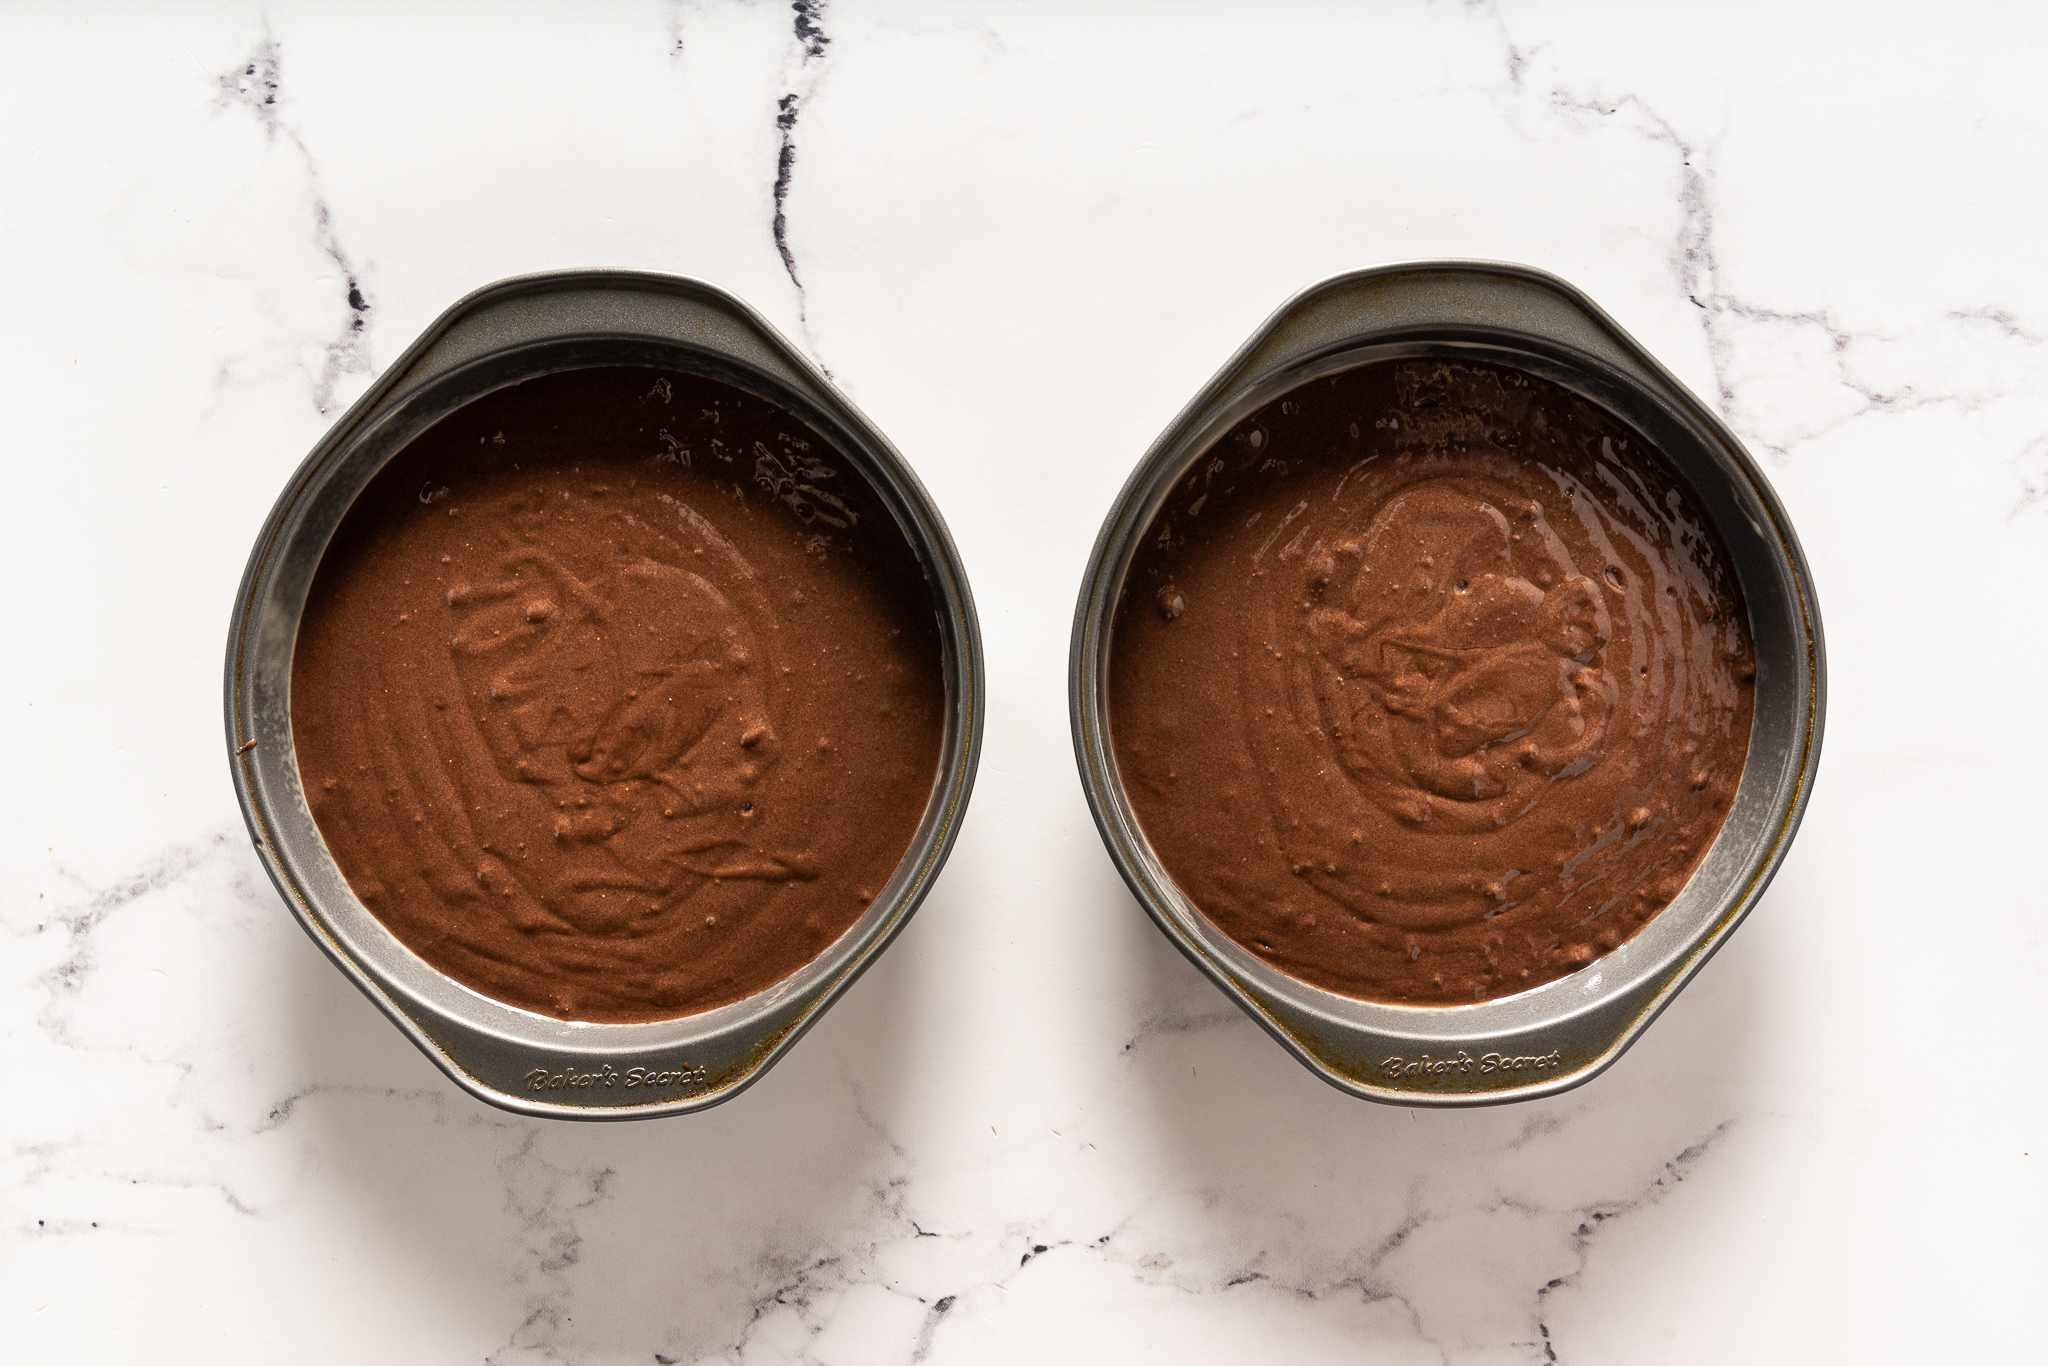 Chocolate cake in baking pans